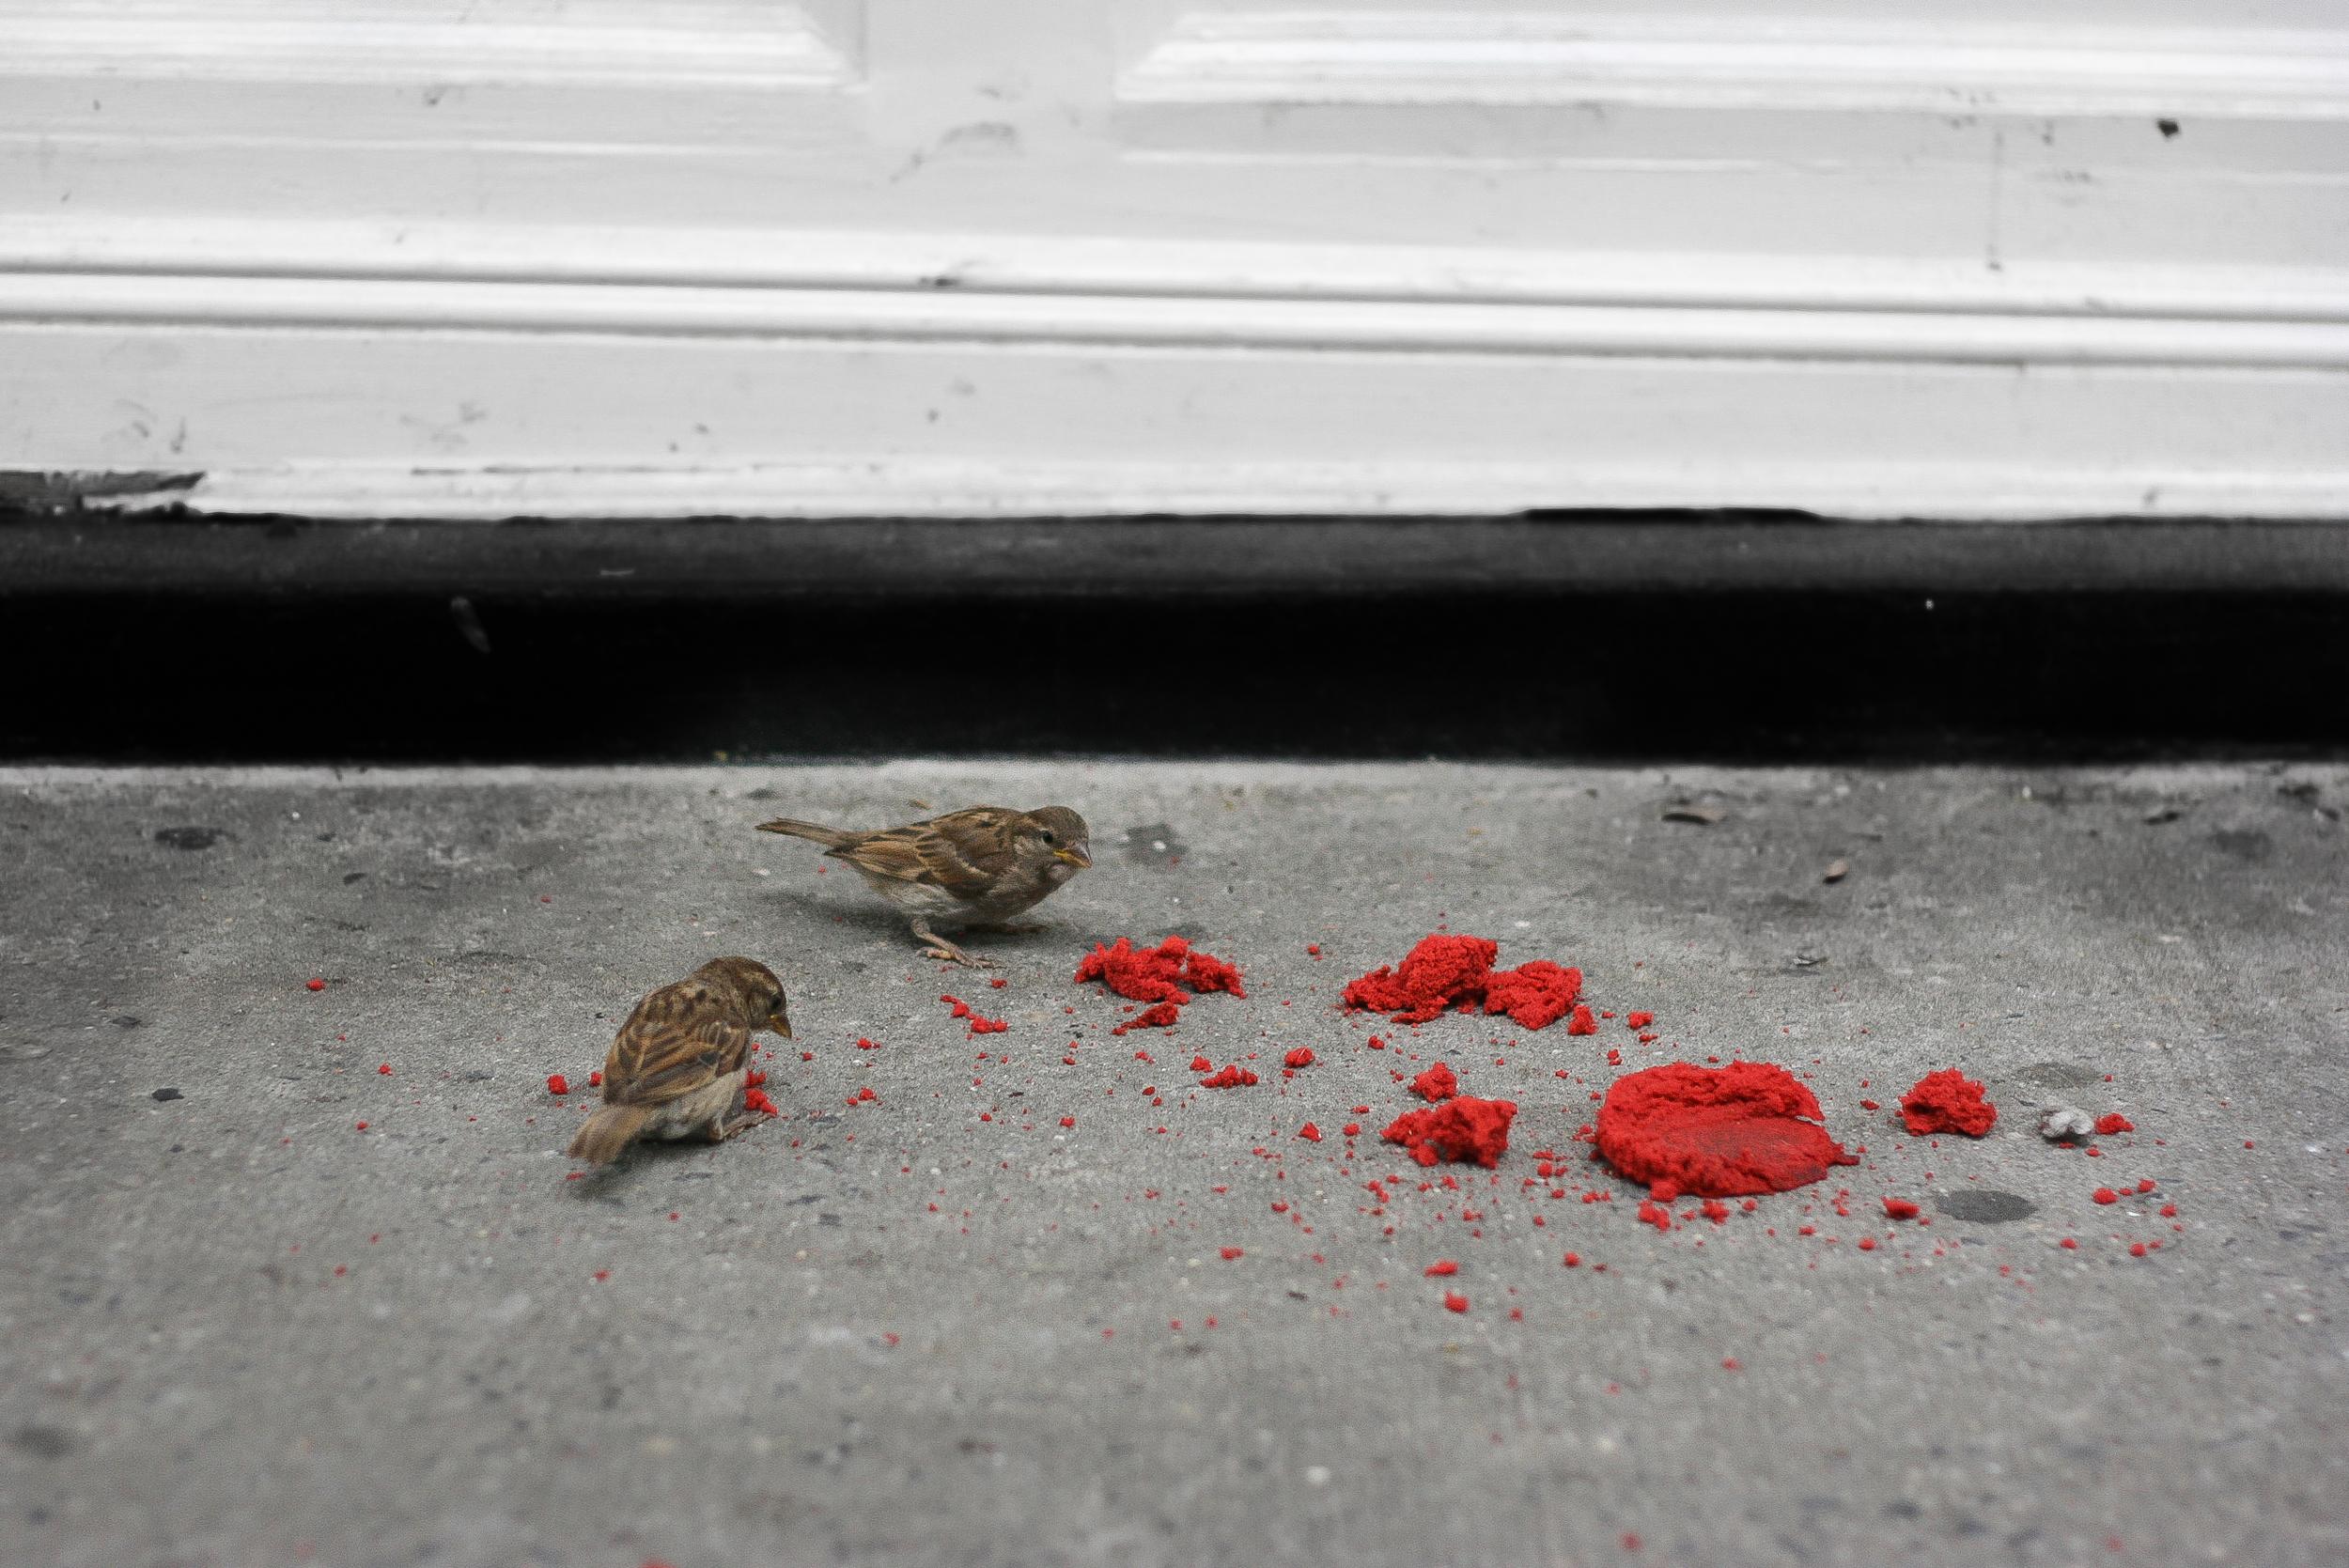 Red velvet for the birds, too.